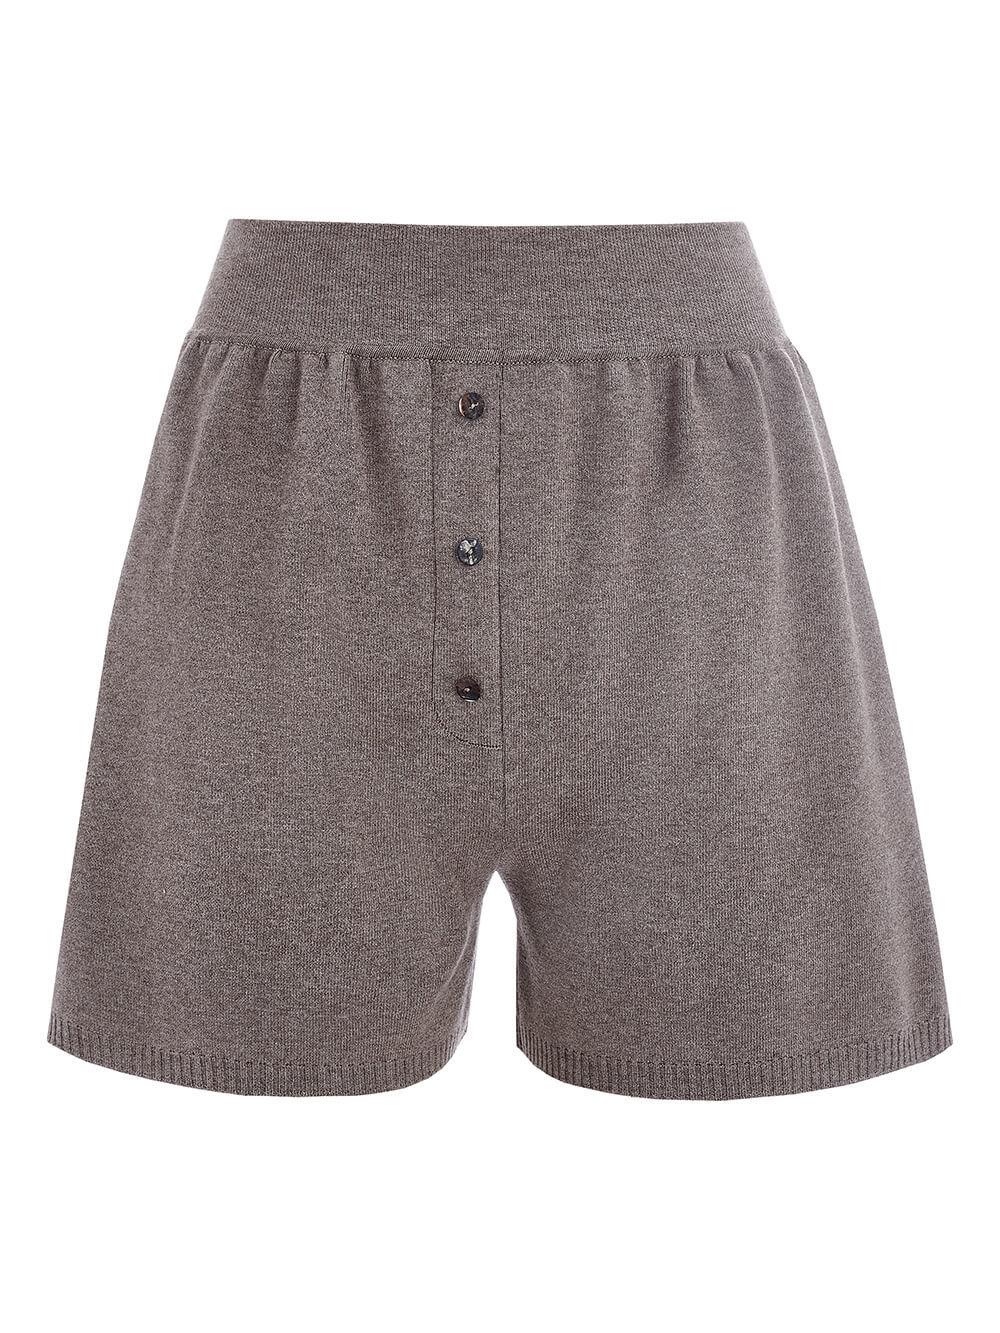 Женские шорты темно-кофейного цвета из вискозы - фото 1